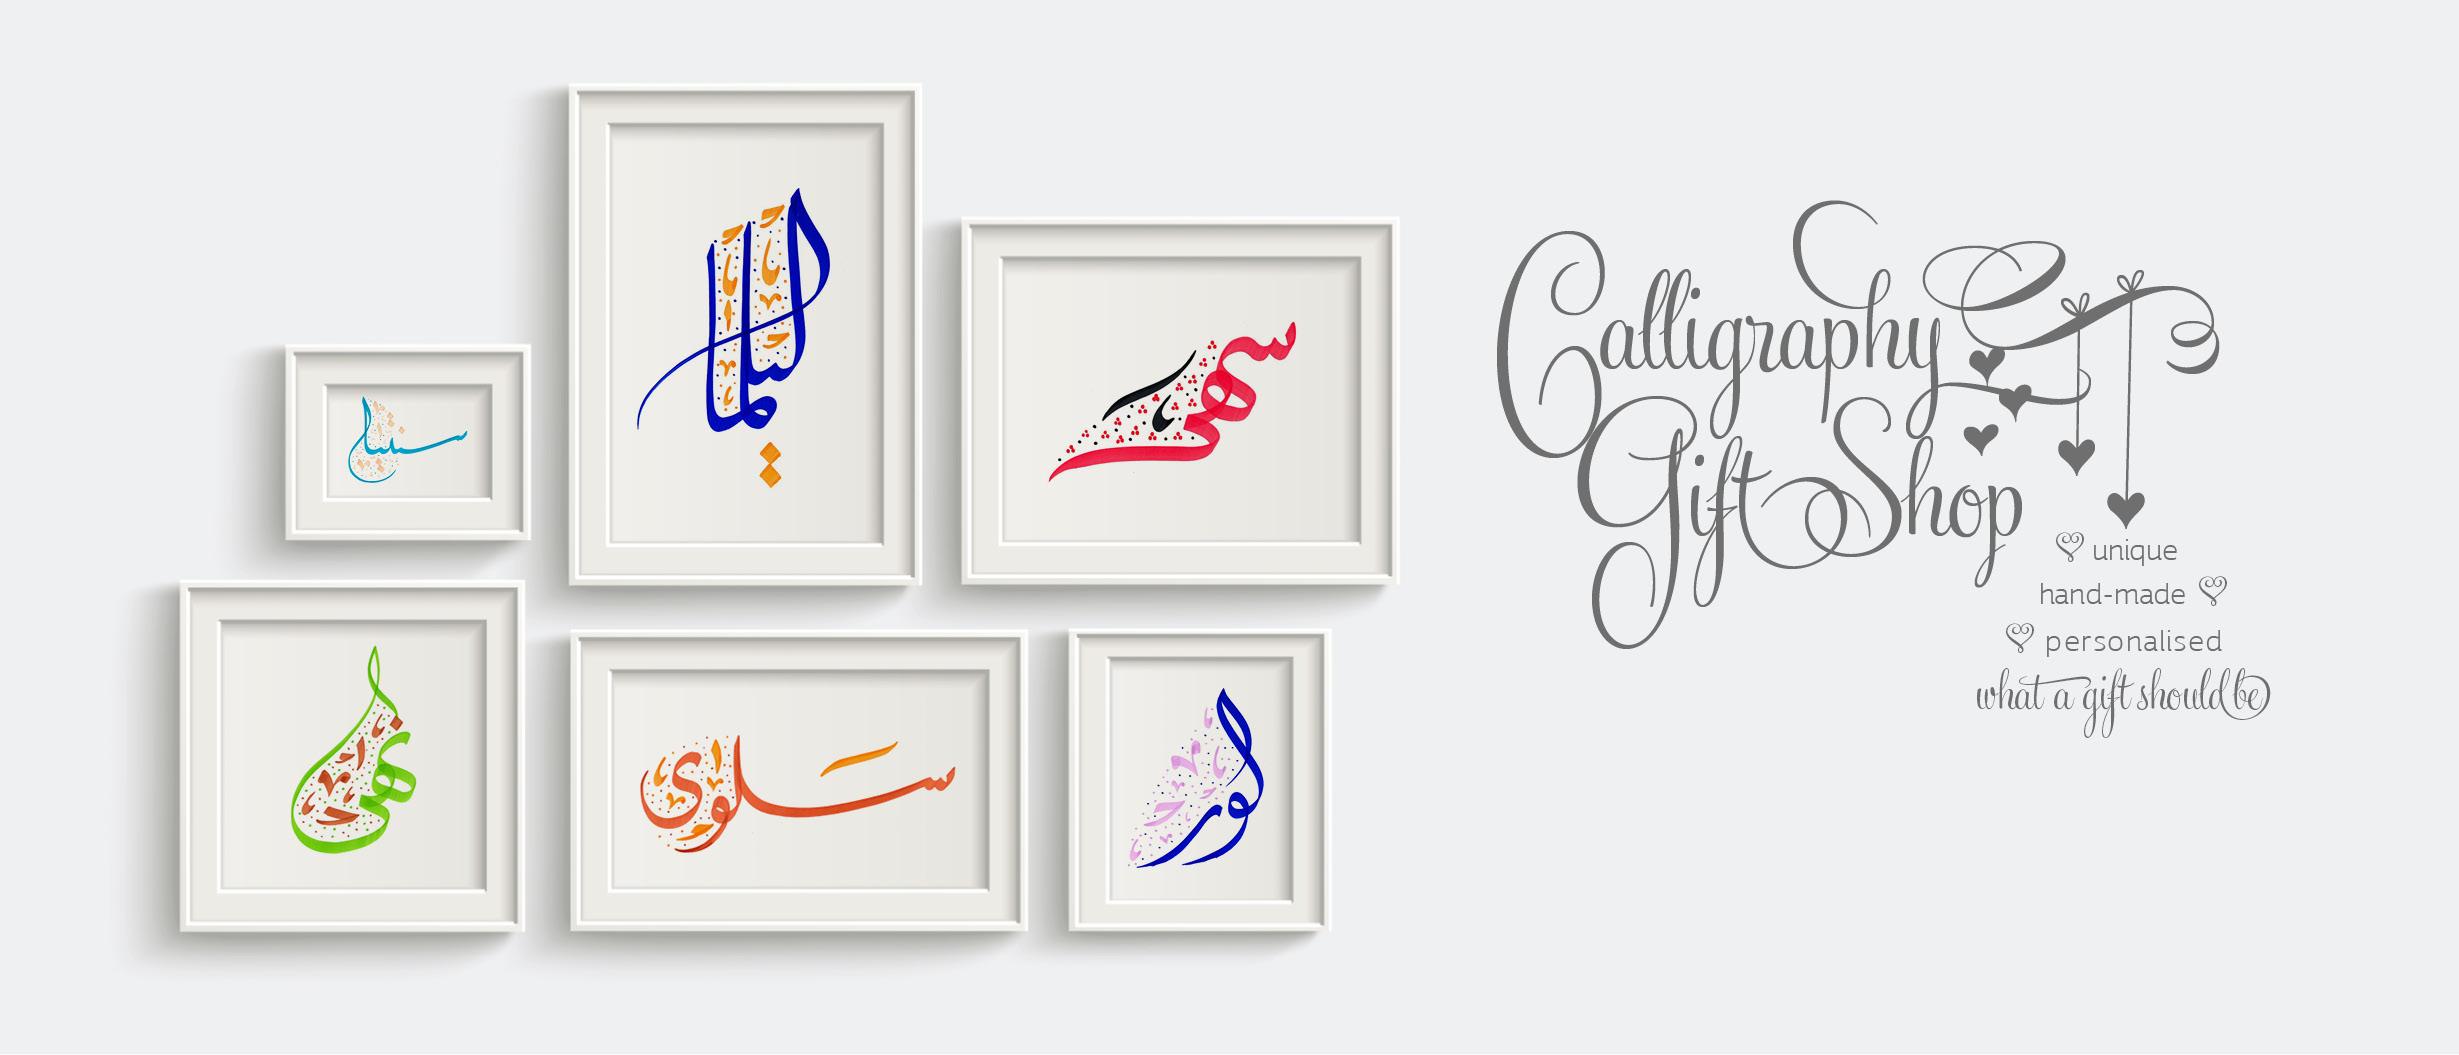 Calligraphy Gift Shop